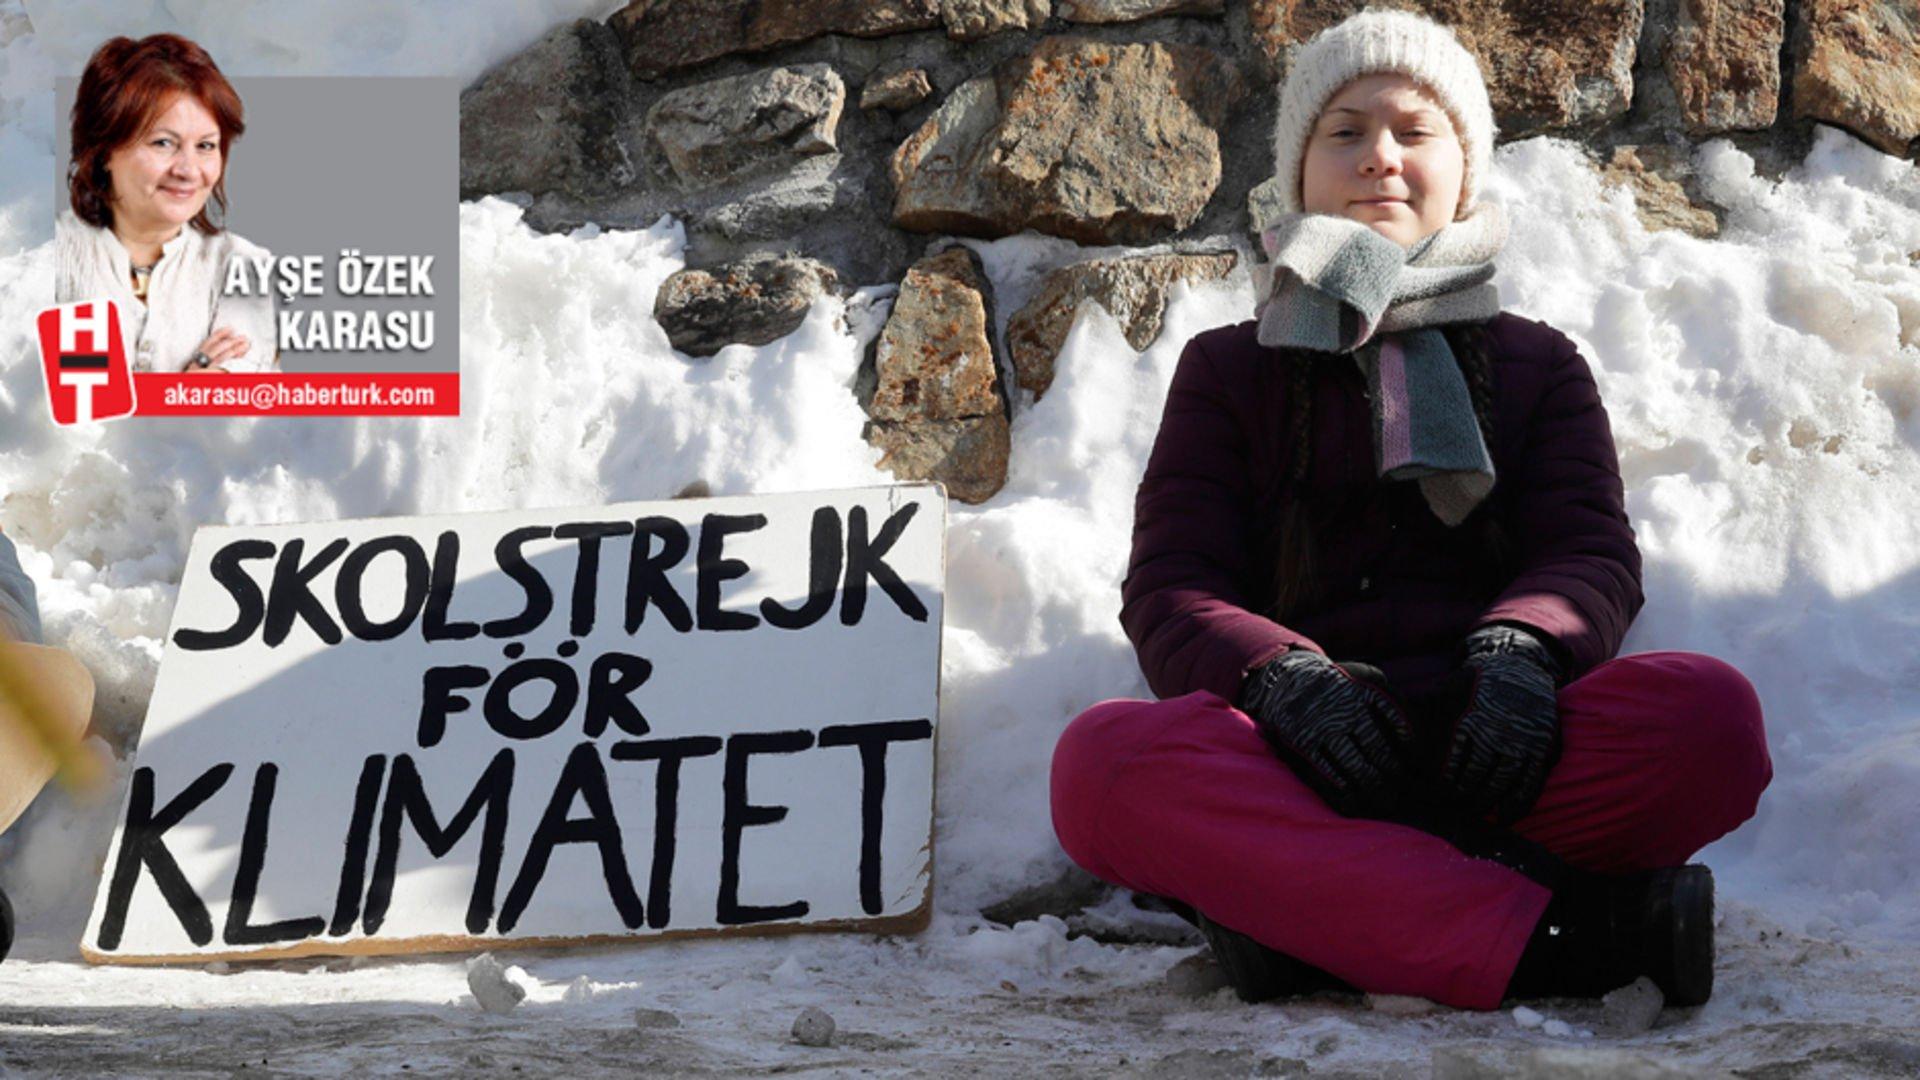 İklimci Greta kukla olsa ne yazar?